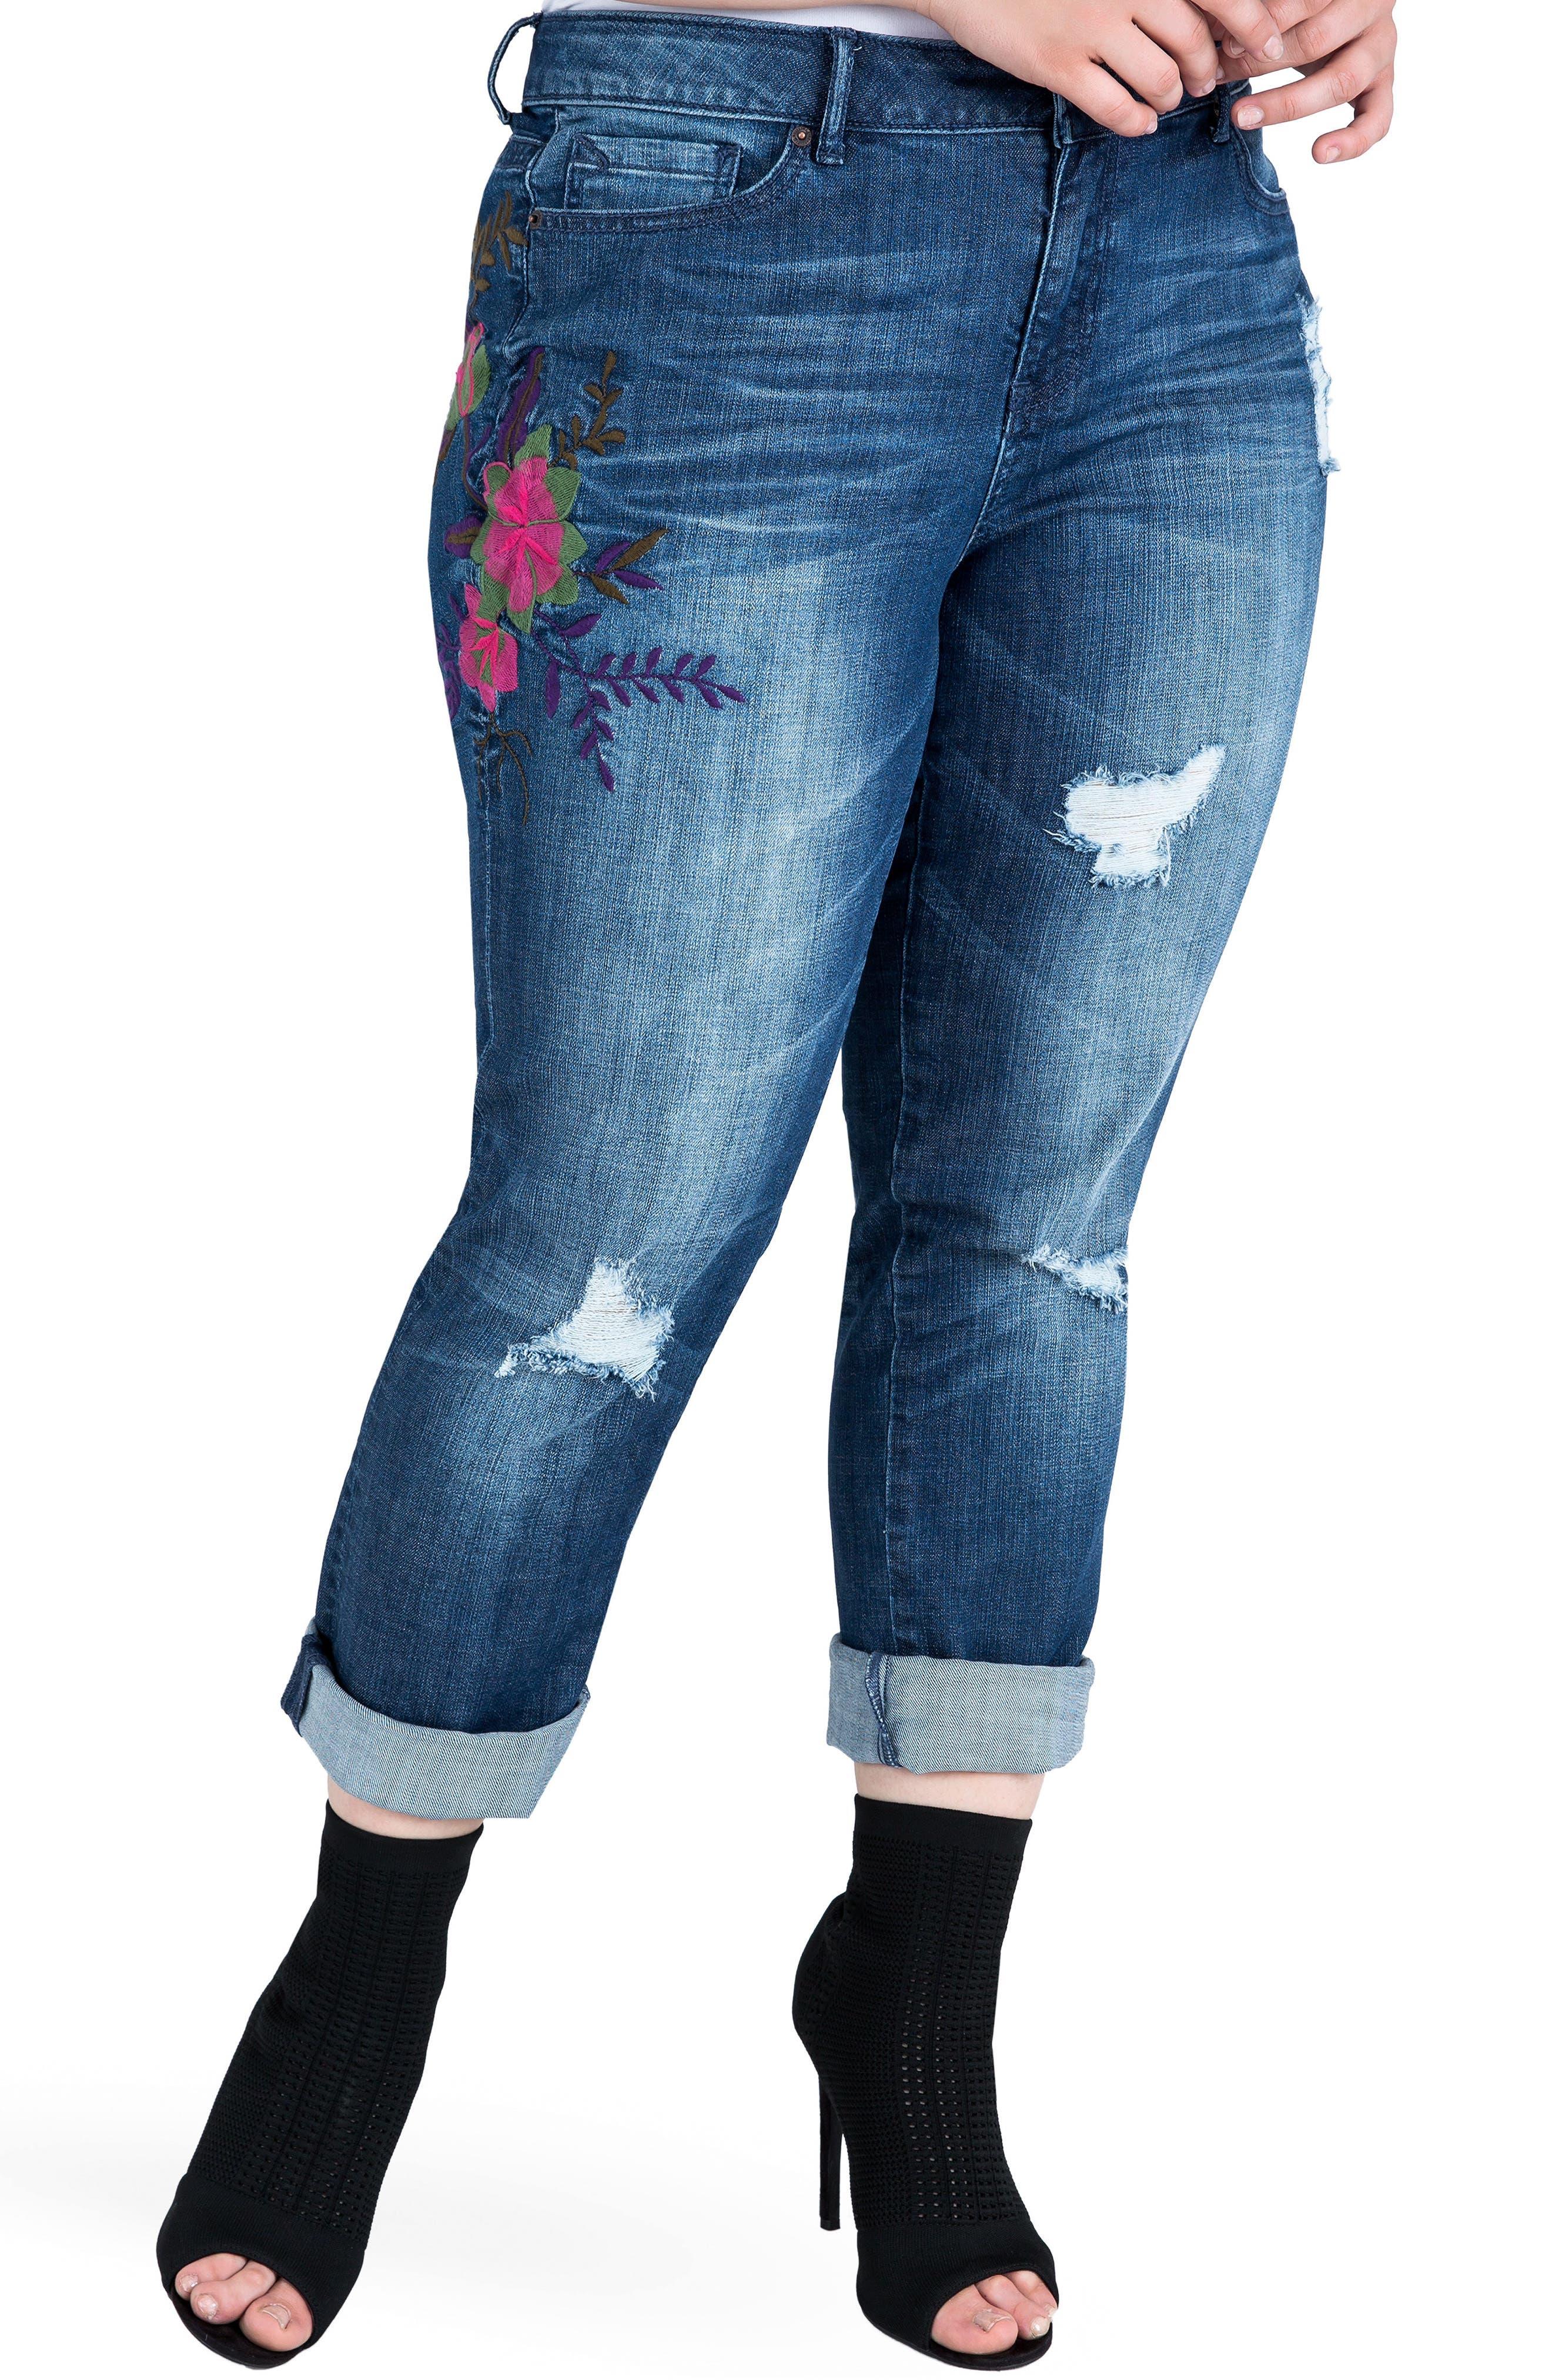 X-Boyfriend Jeans,                         Main,                         color, 400